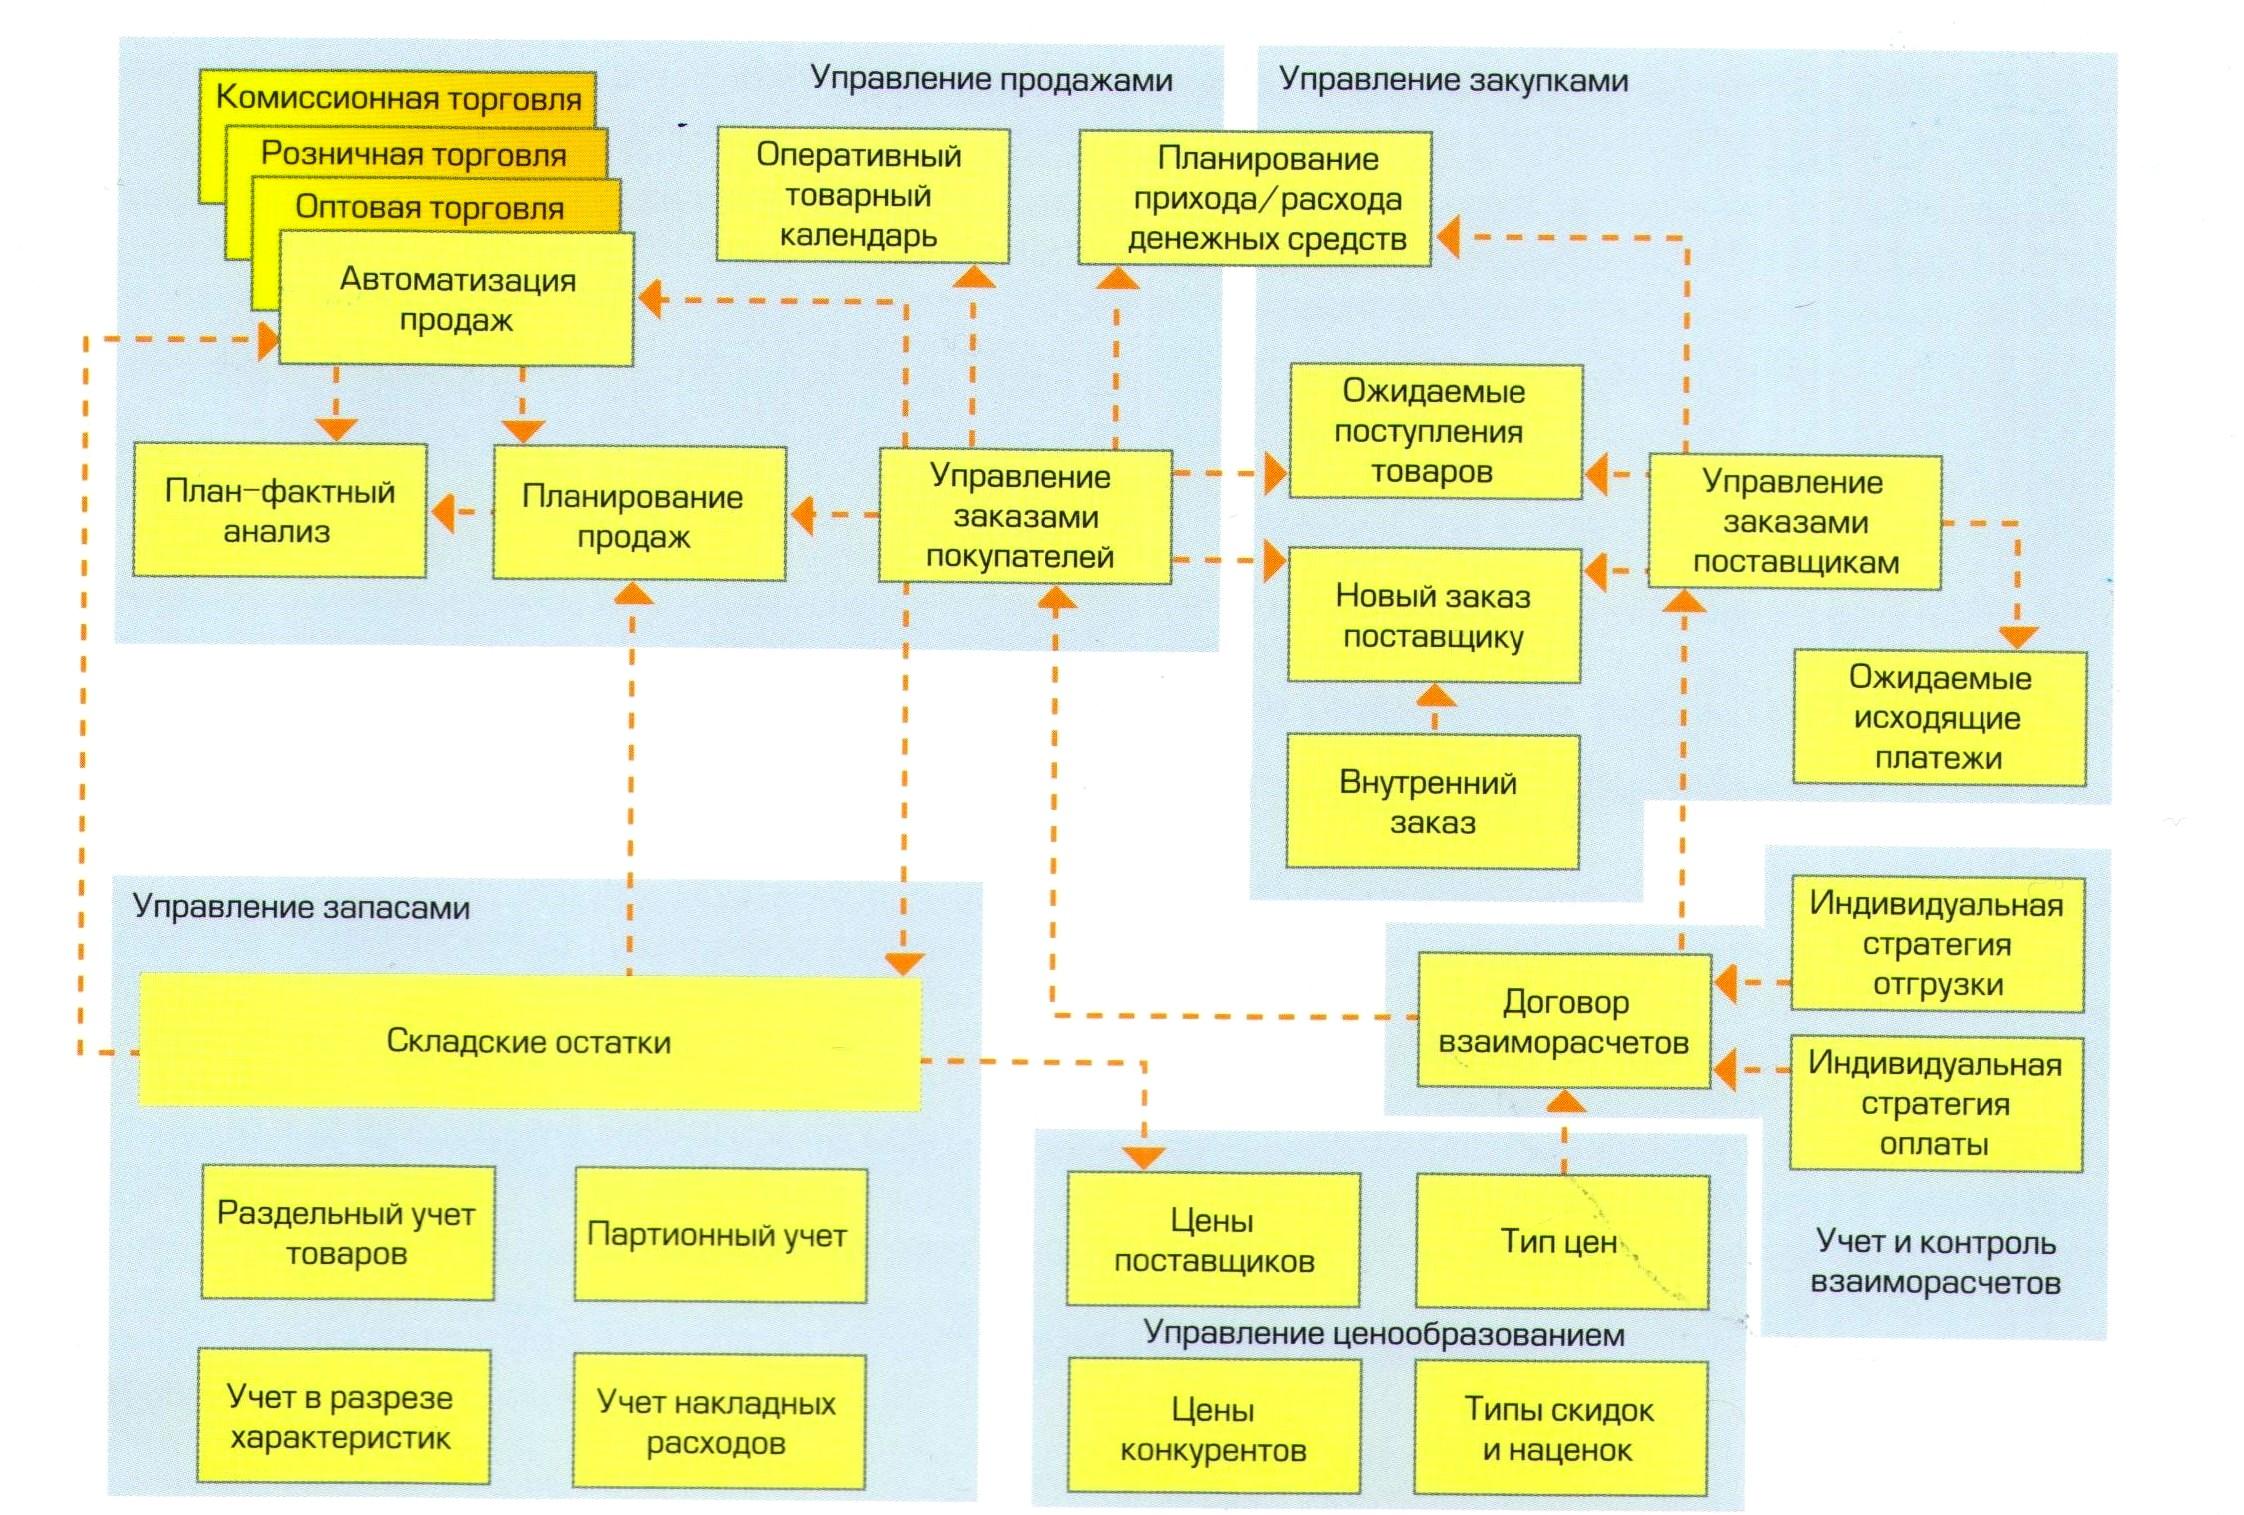 Анализ оптового товарооборота организации 15 фотография